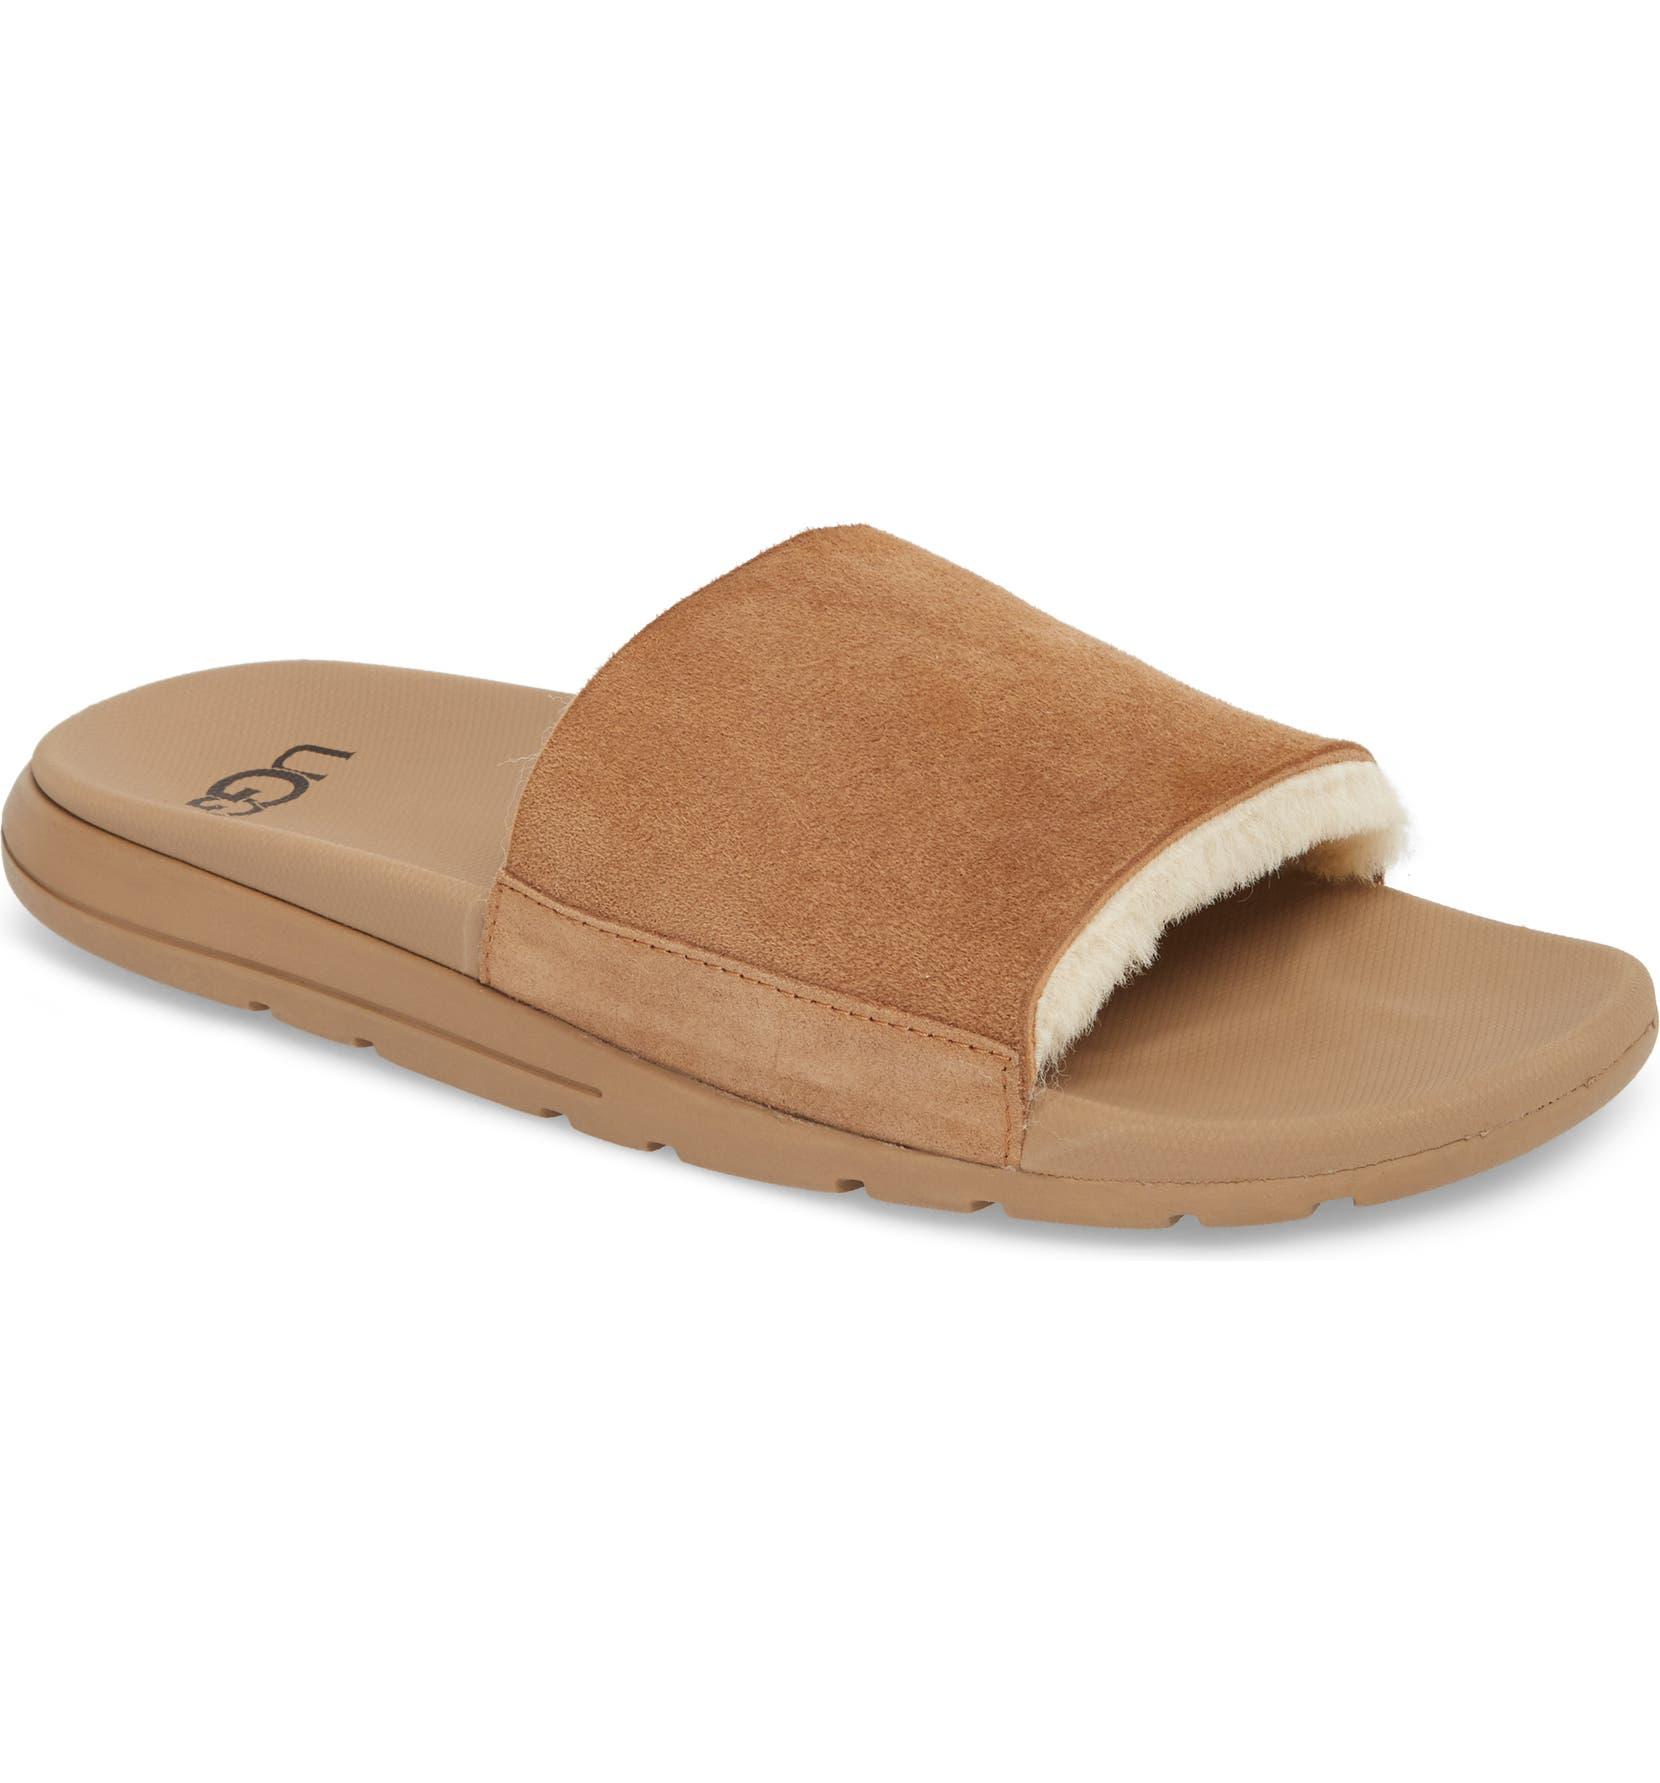 58614f13a1f Xavier TF Genuine Shearling Slide Sandal